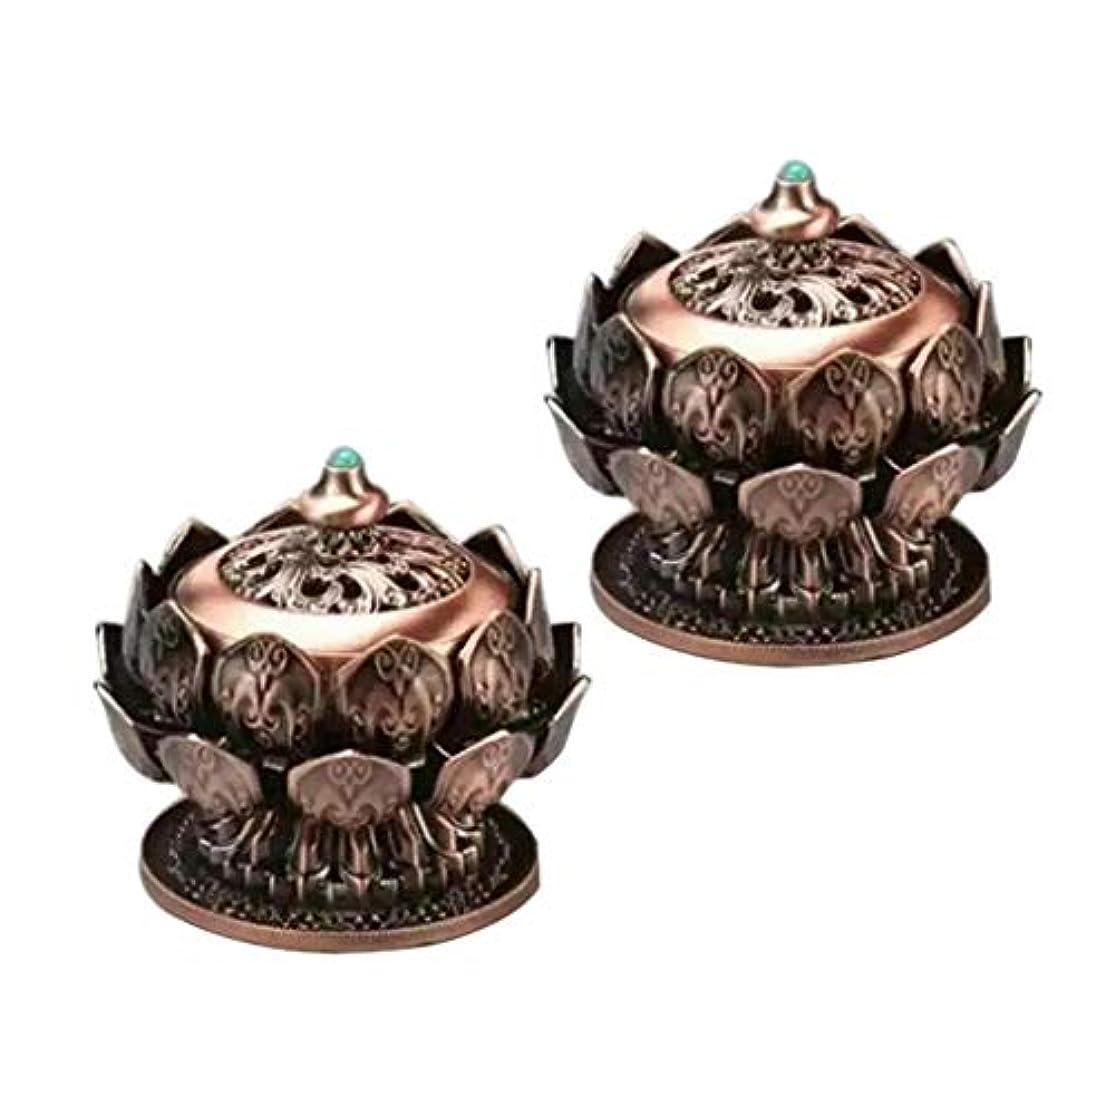 サバント印をつける天井P Prettyia 2個 合金 アンティーク 香炉 アロマセラピー 香炉 蓮 銅